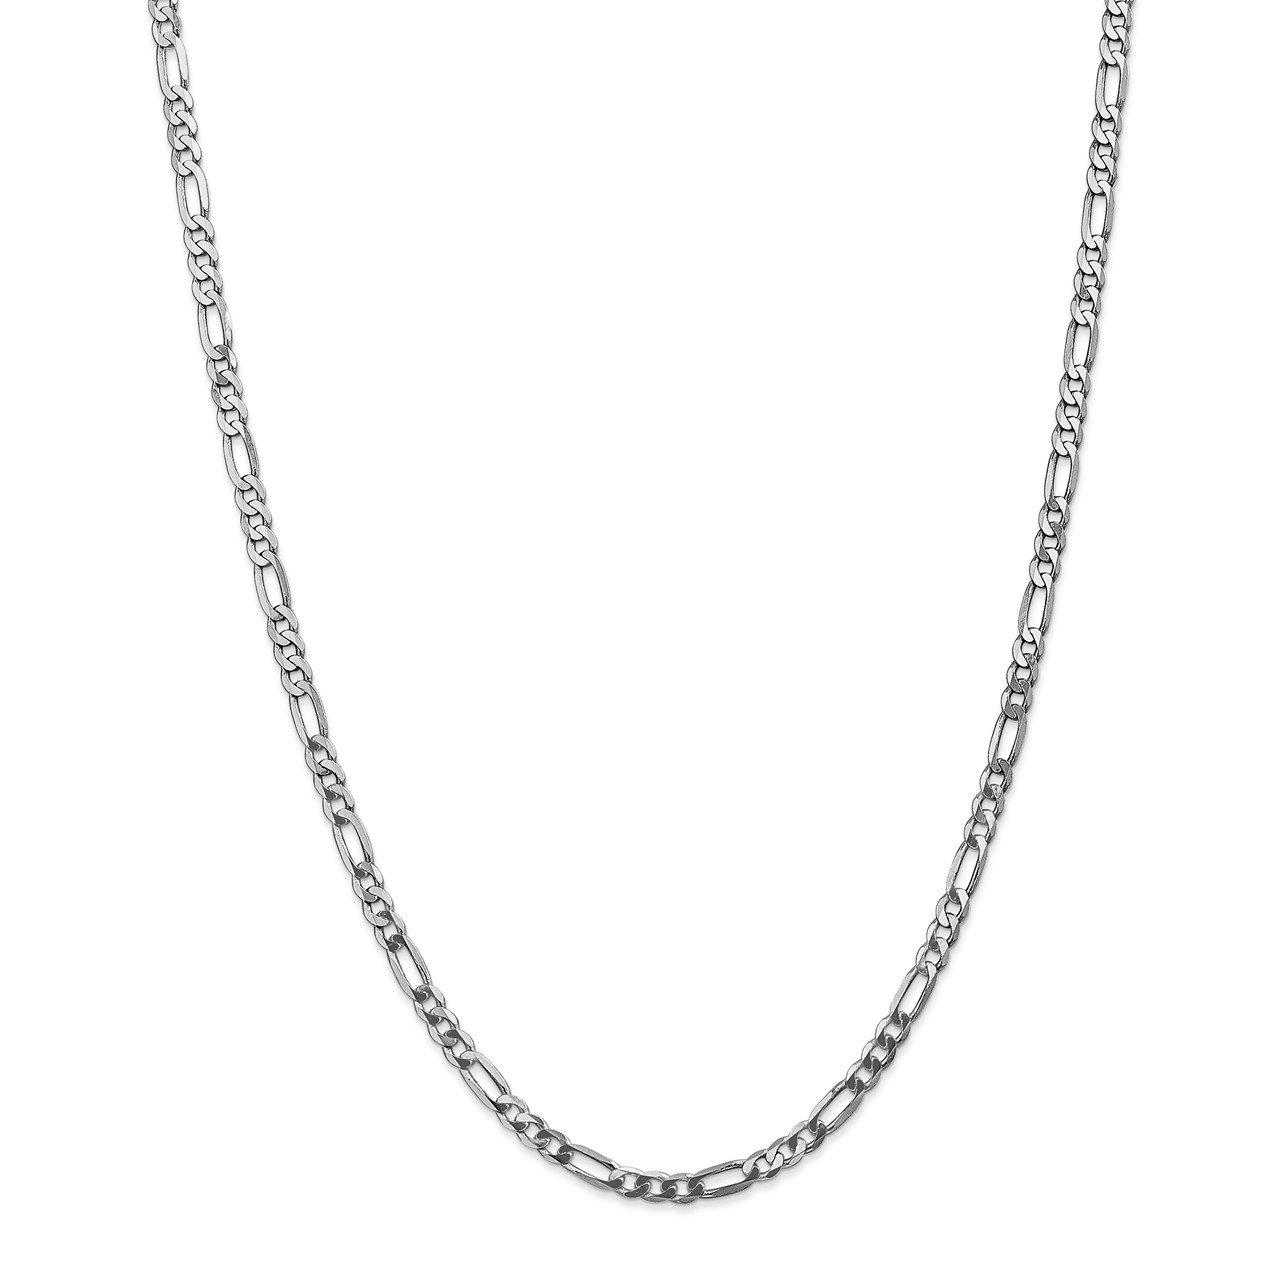 Leslie's 14K White Gold 4mm Flat Figaro Chain